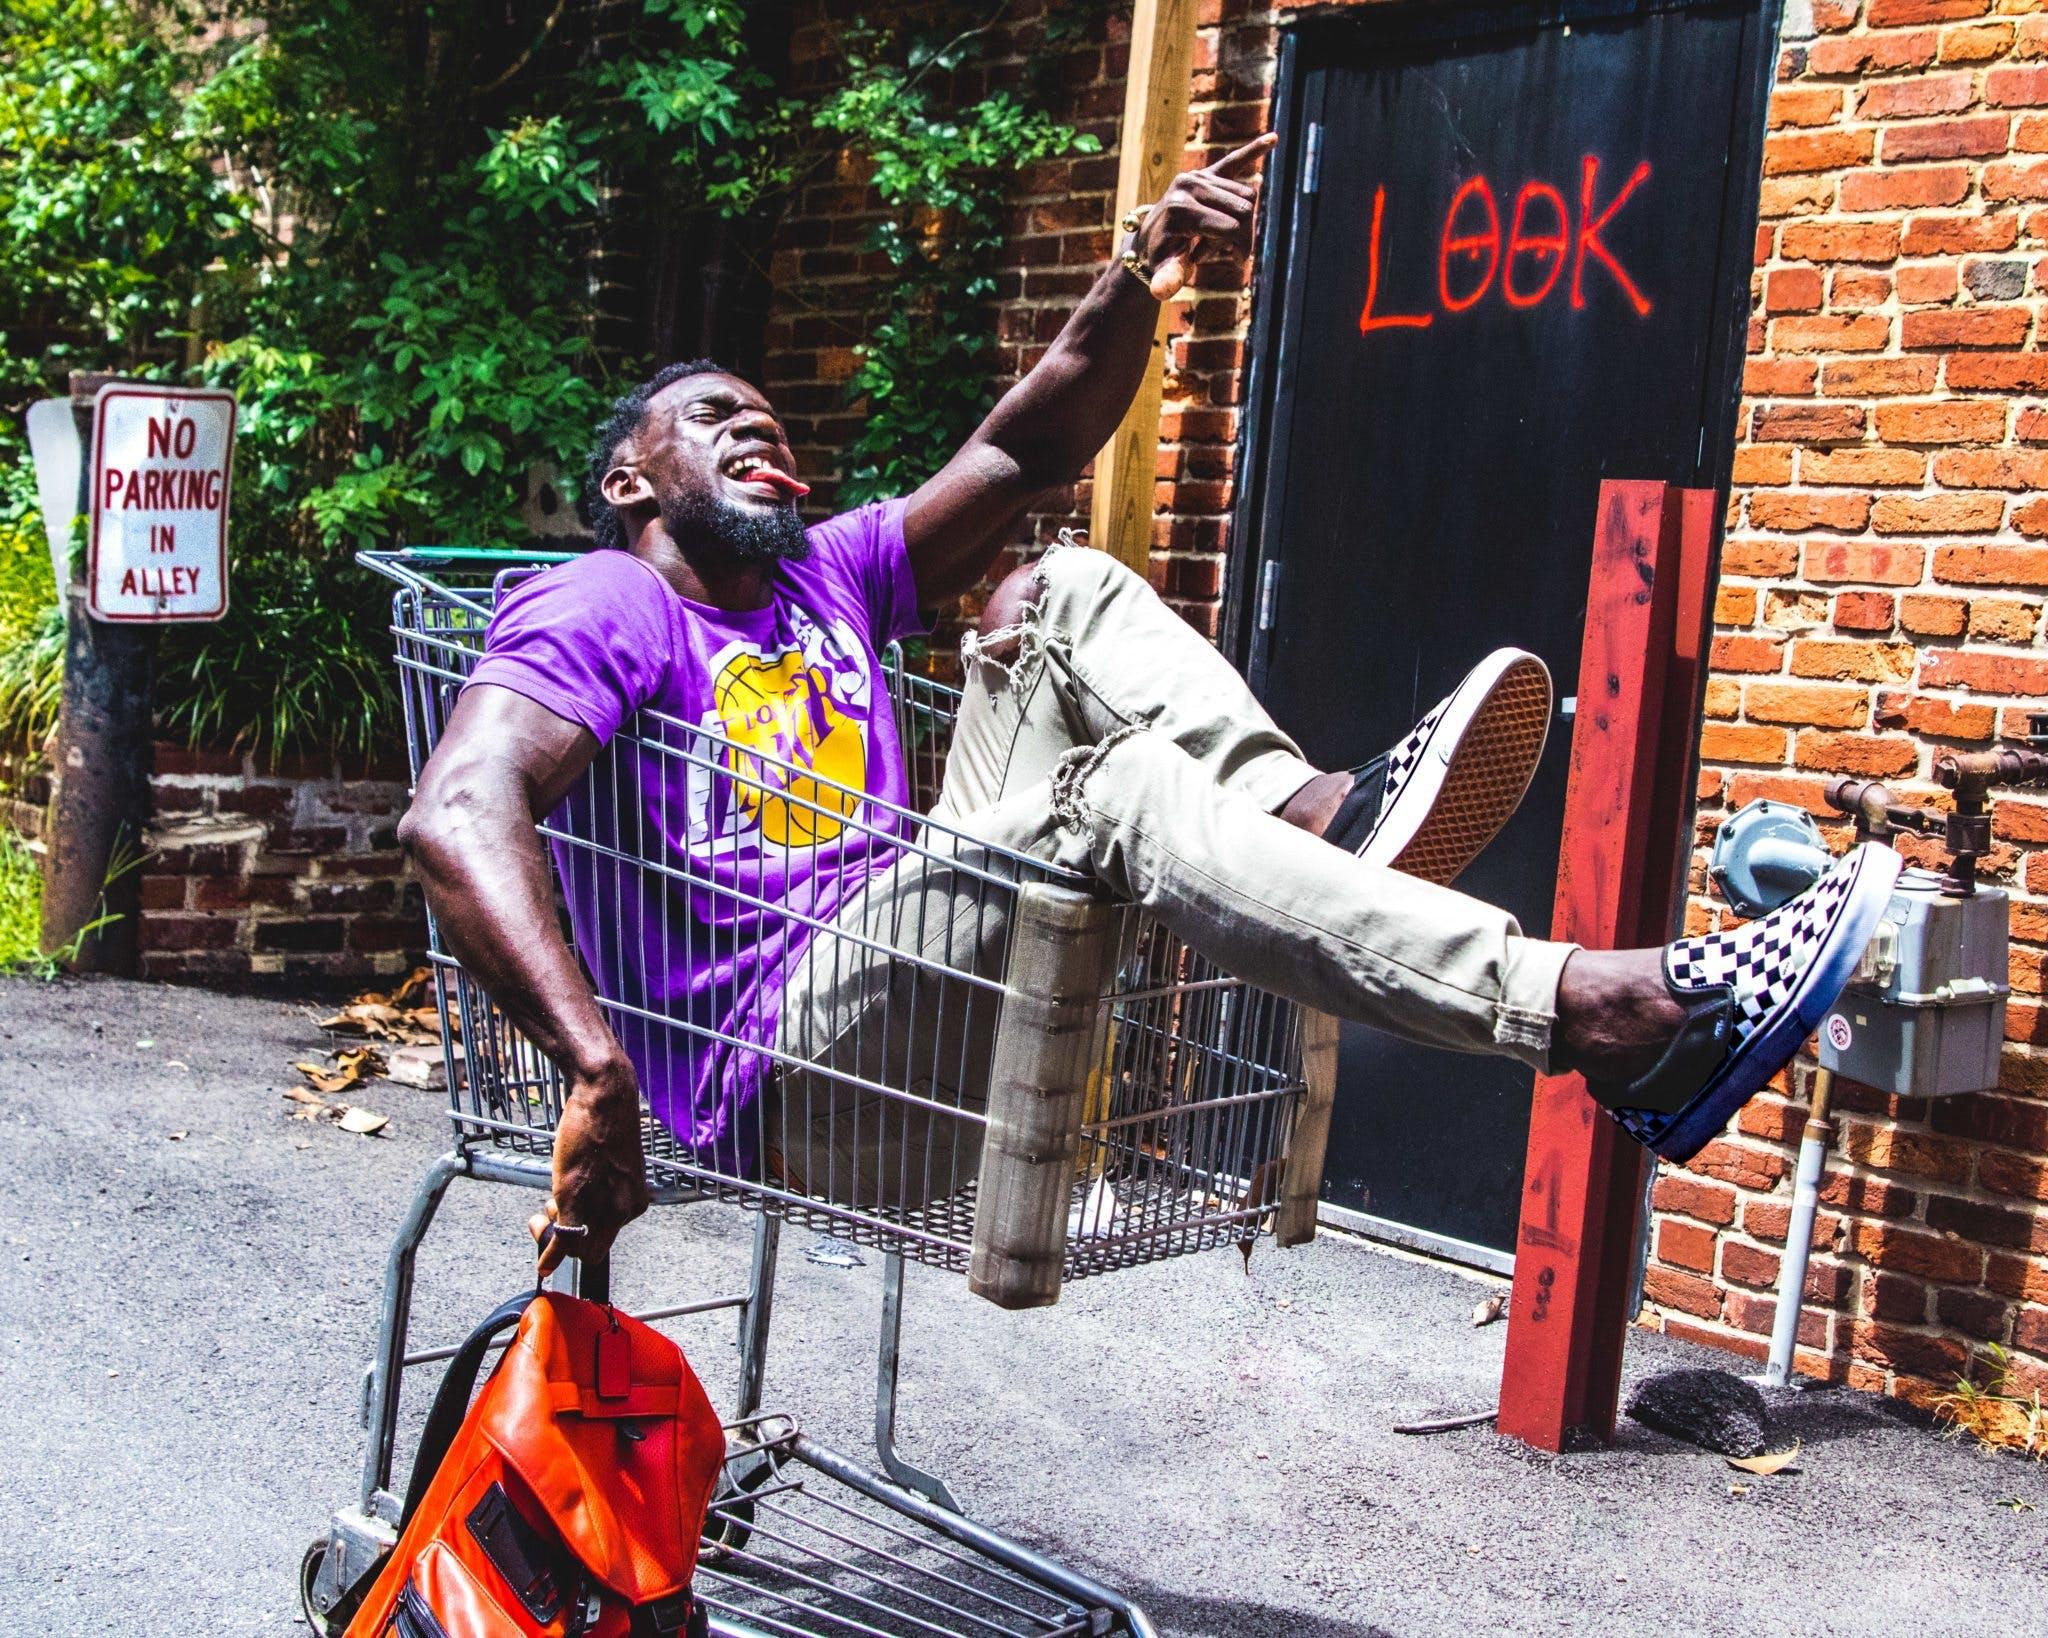 Man Sitting on Shopping Cart